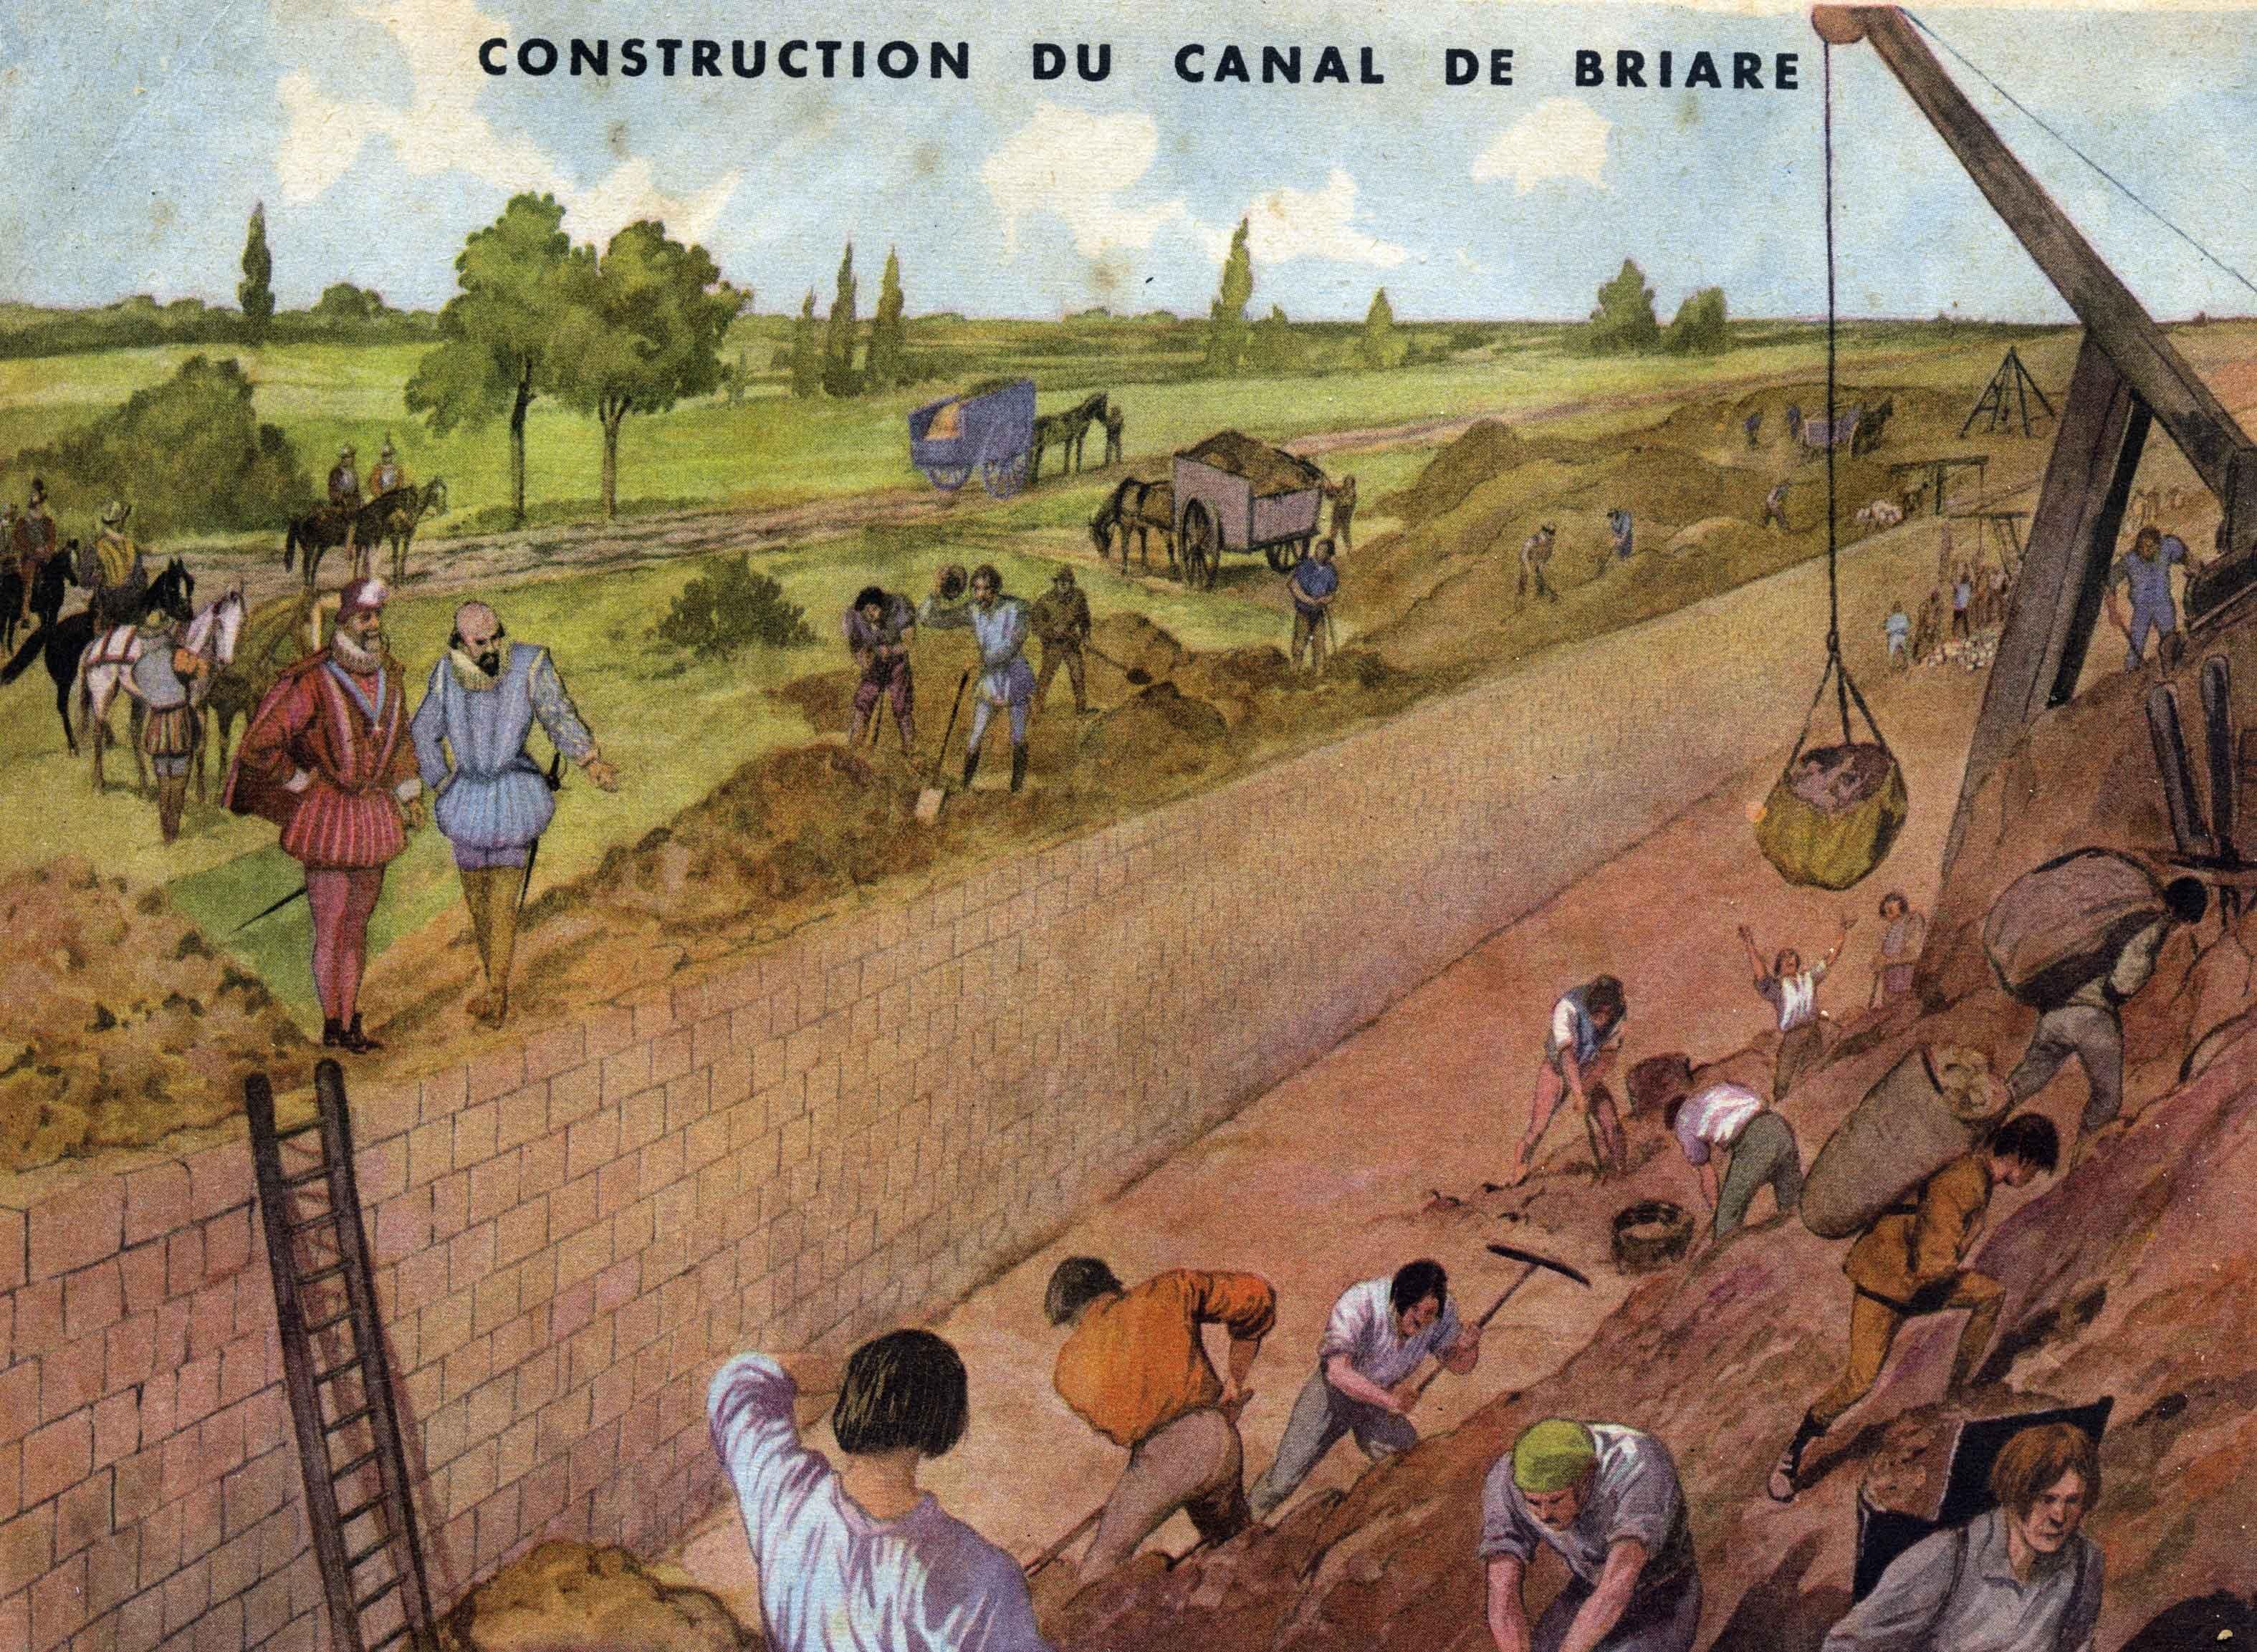 32 construction du canal de briare